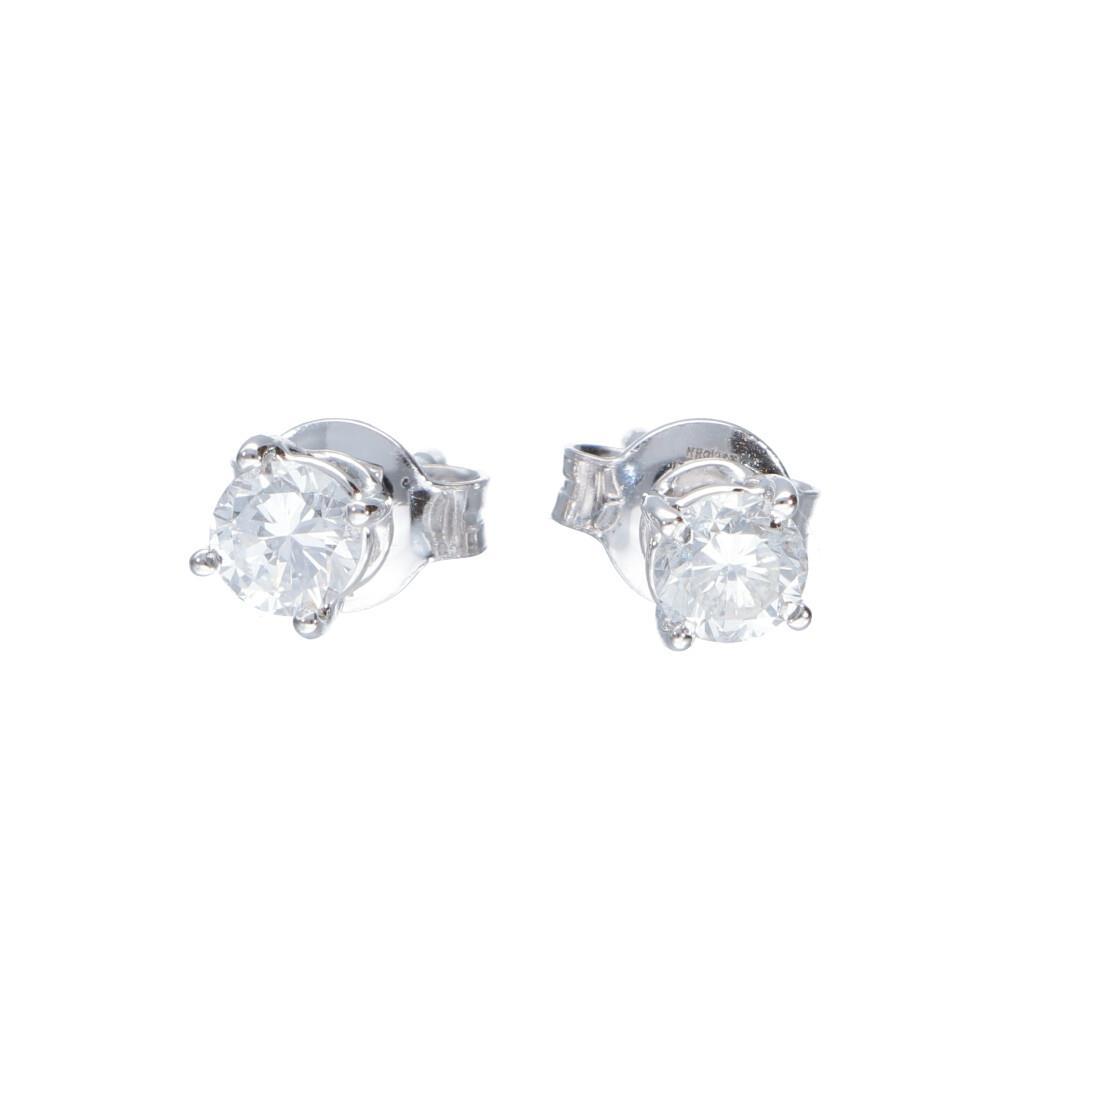 Orecchini punto luce in oro bianco con diamanti 0.63 ct - ALFIERI & ST. JOHN